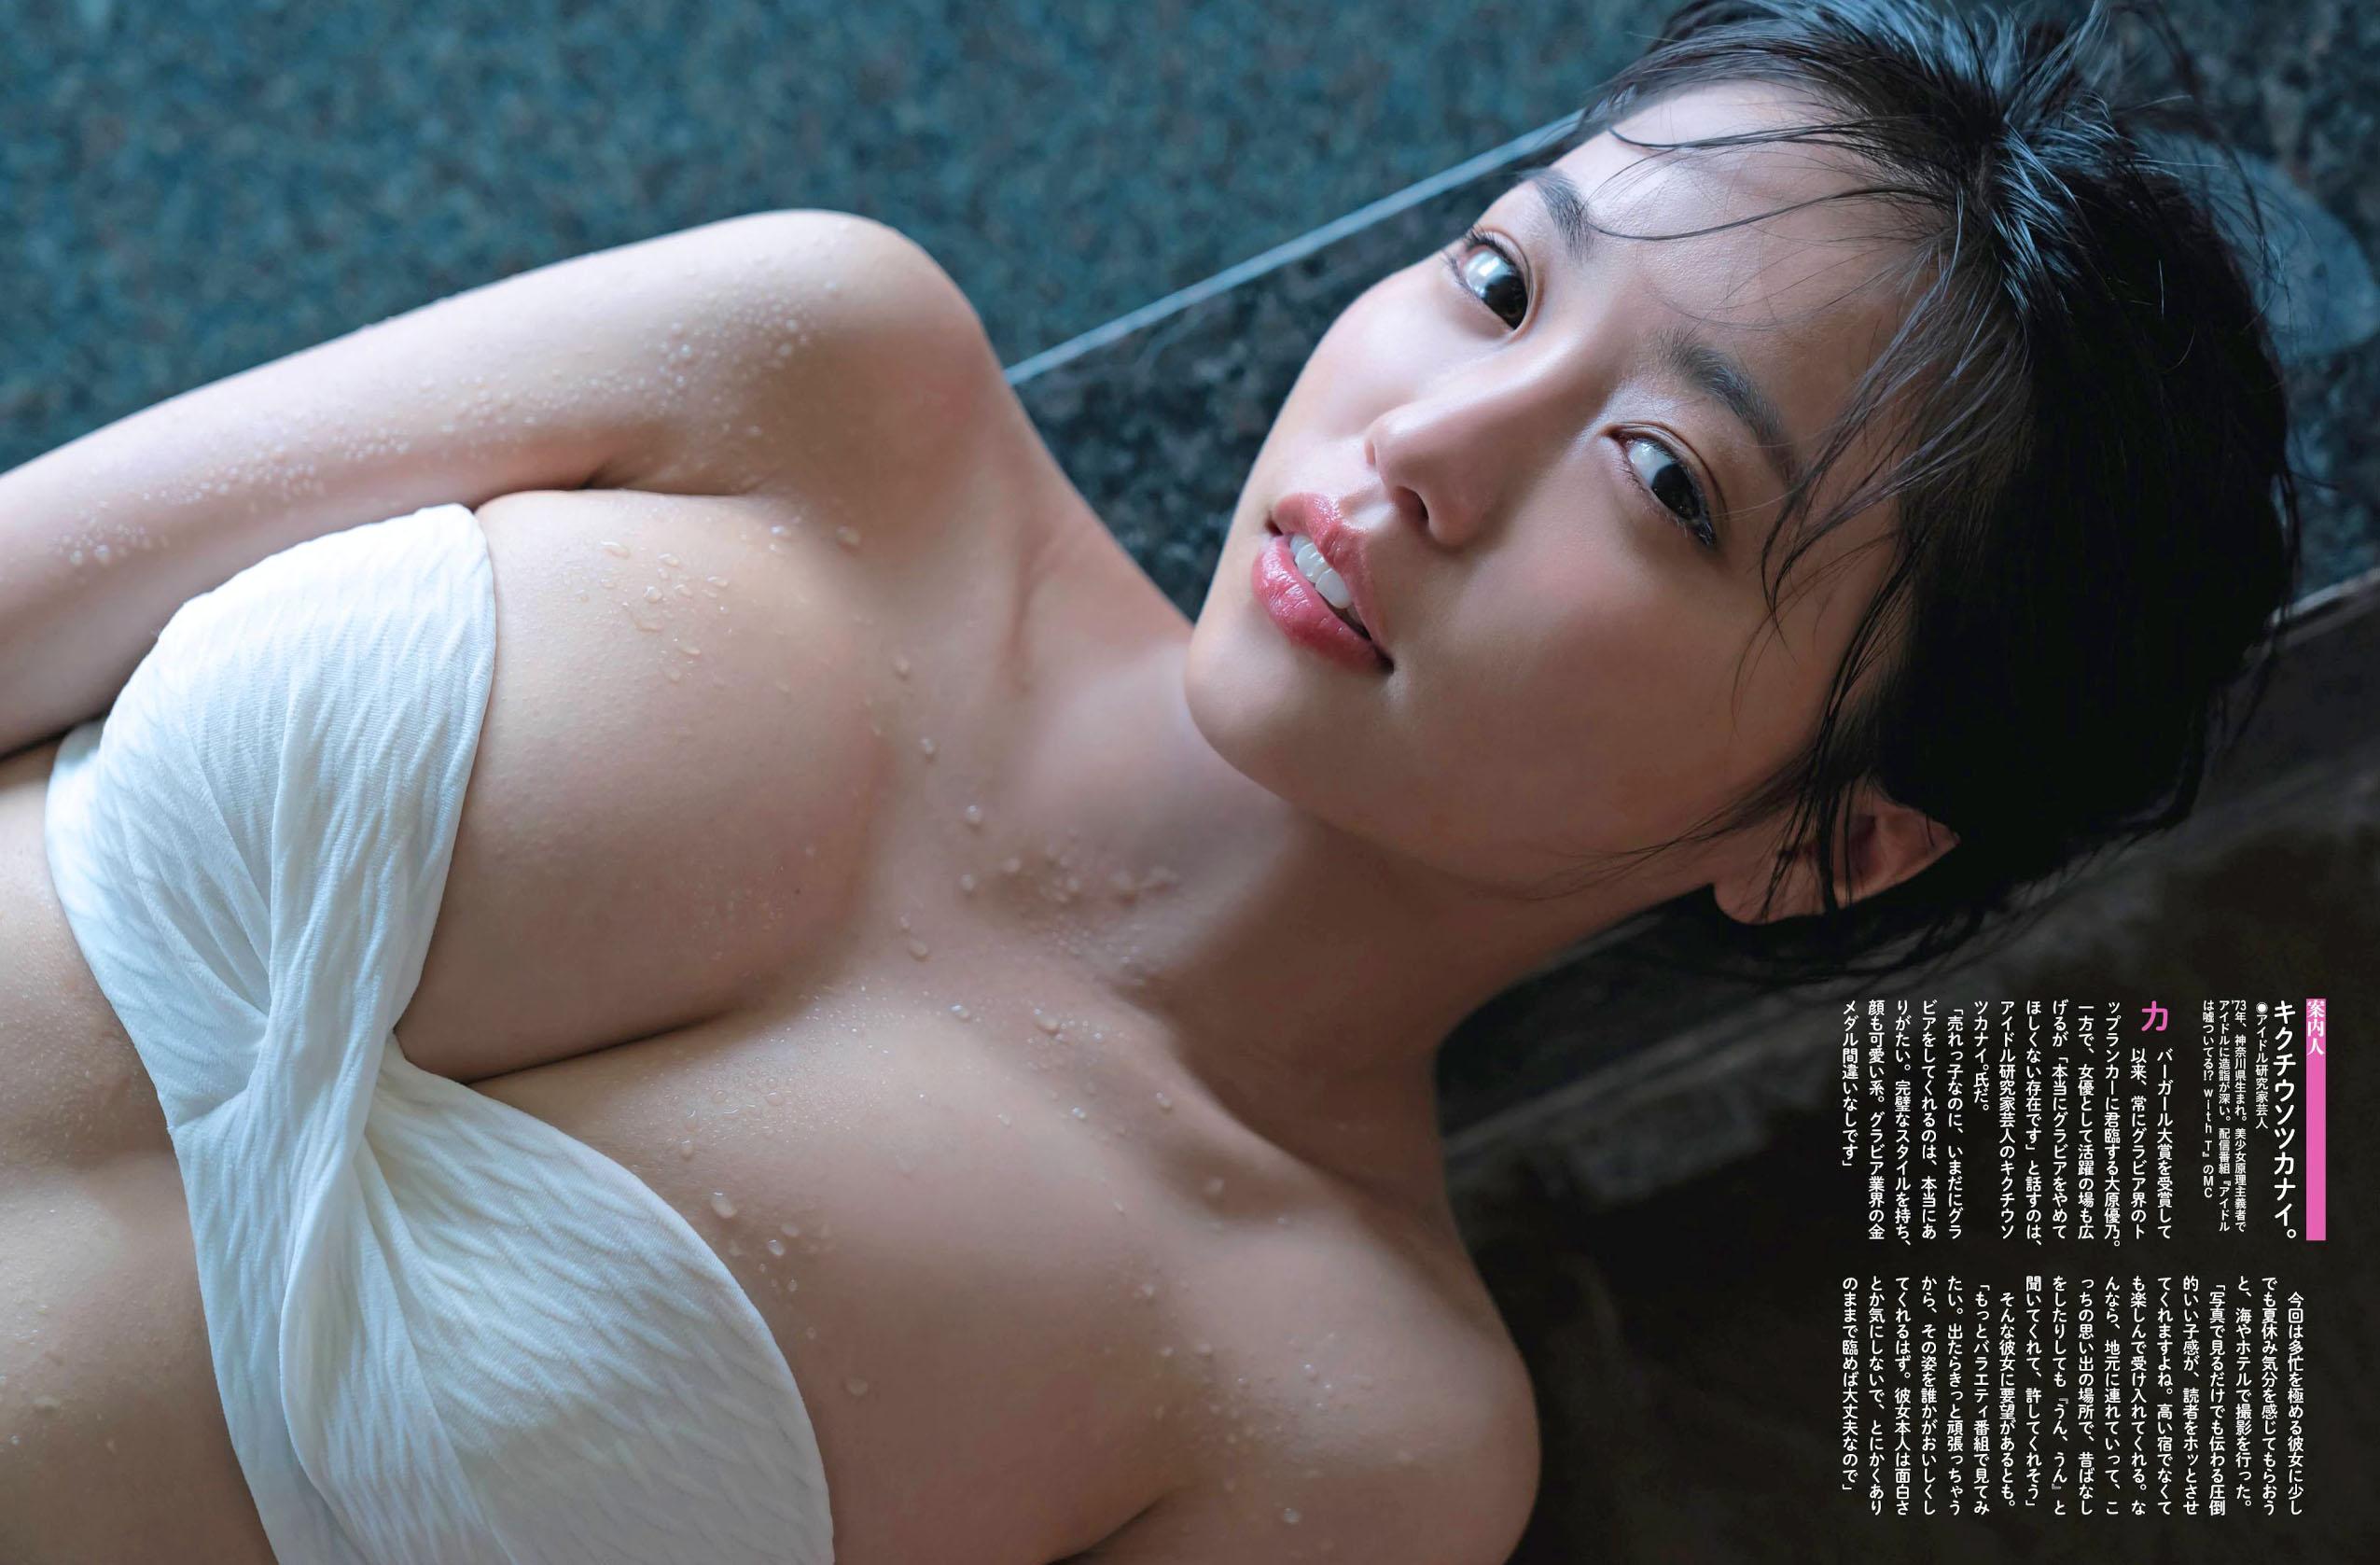 Yuno Ohara Weekly SPA 210810 05.jpg